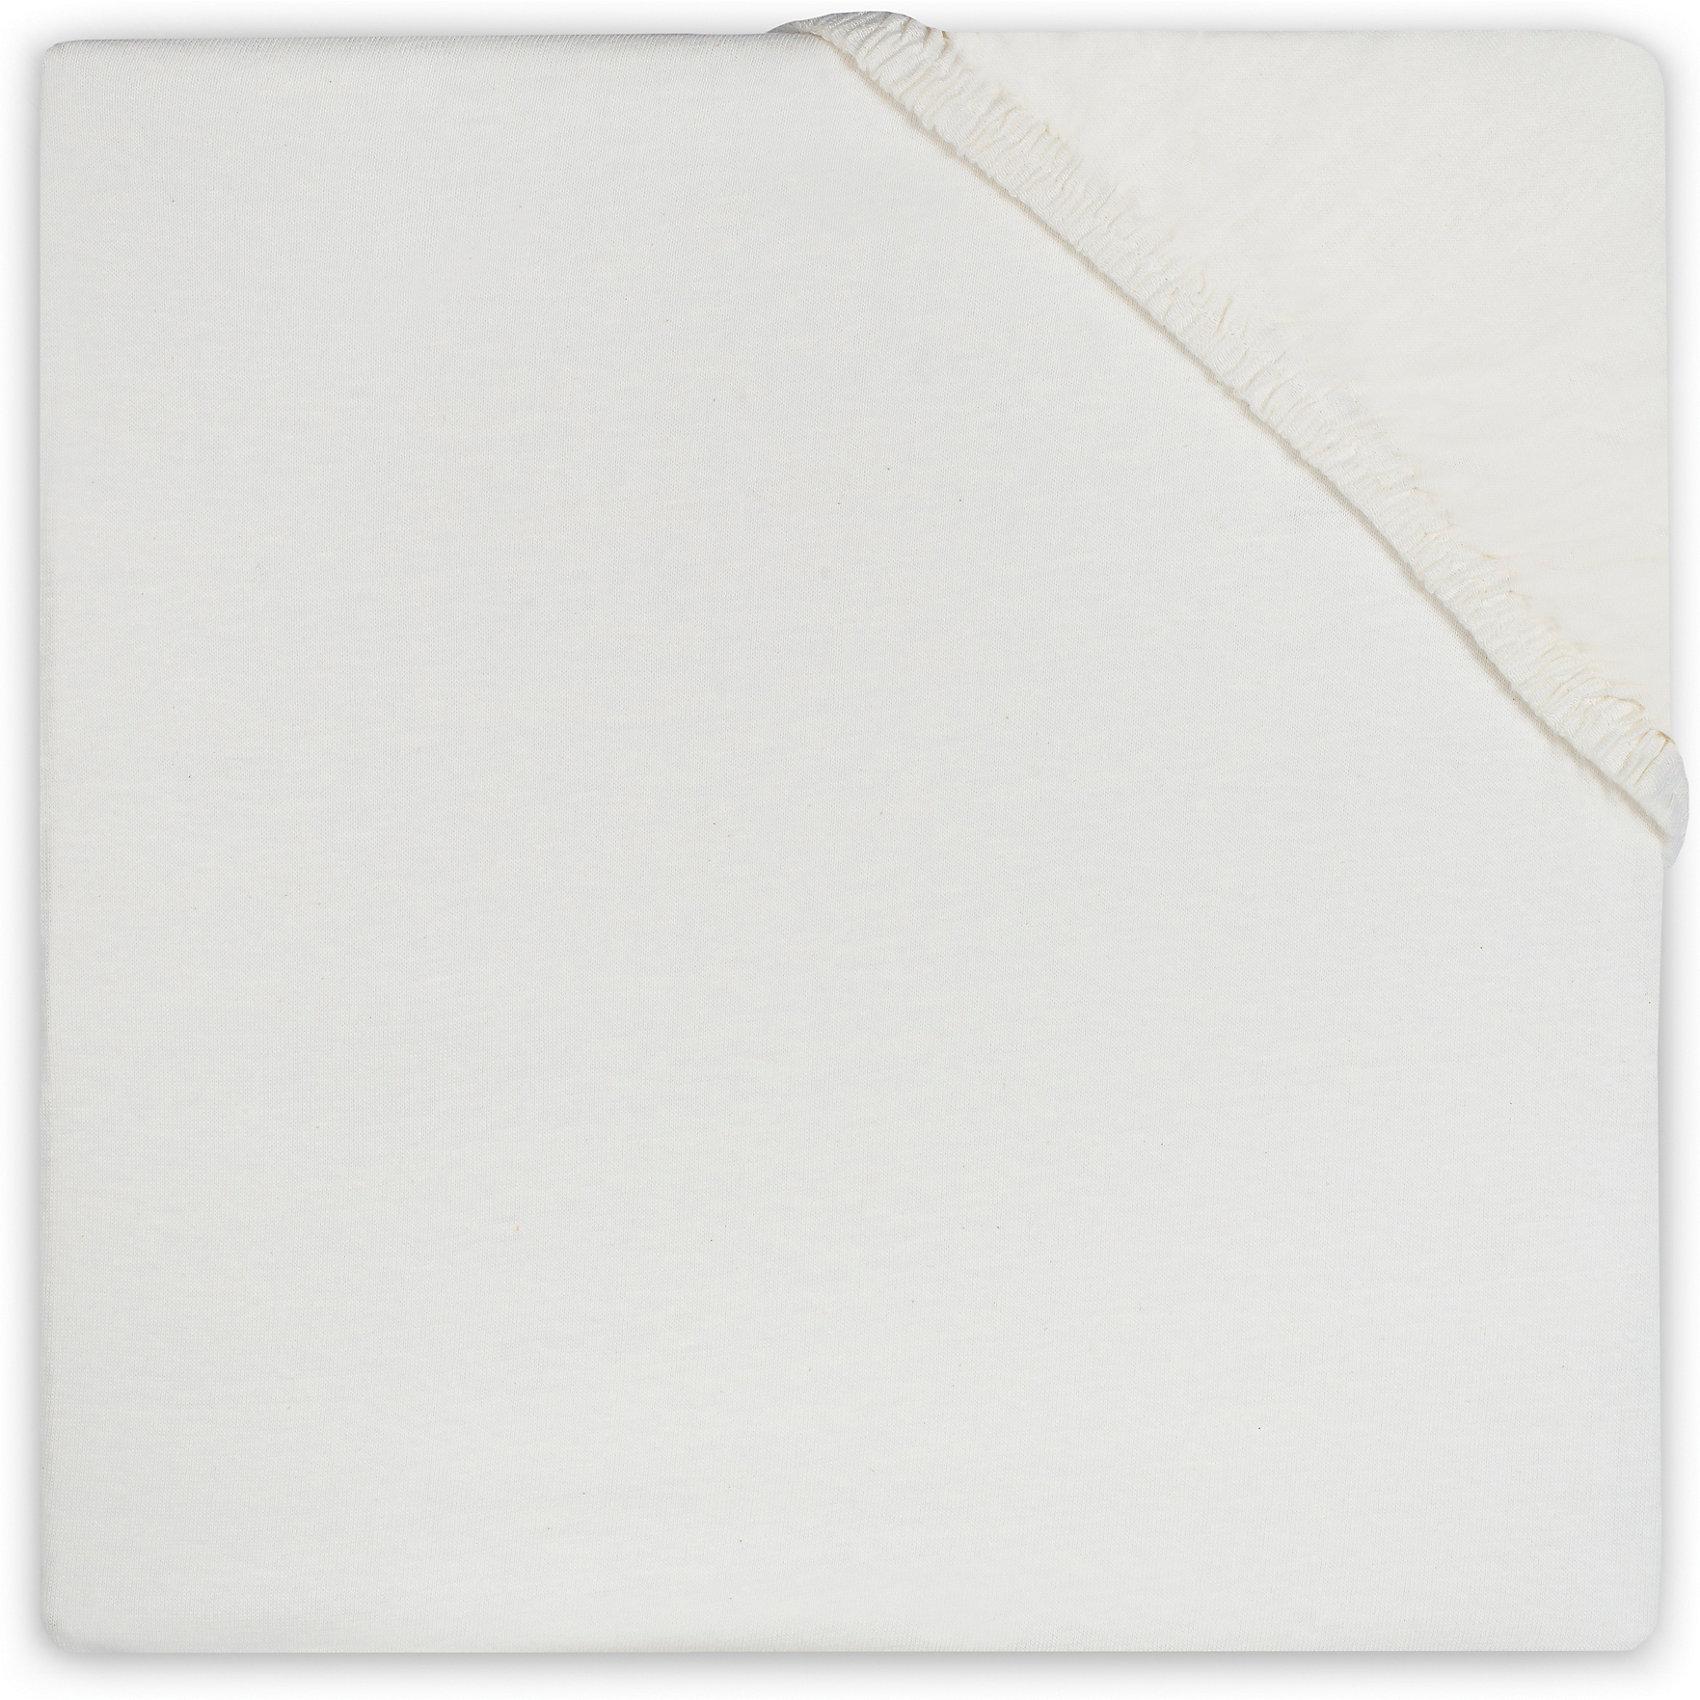 Простыня на резинке 60х120 см, Jollein, EcruХарактеристики:<br><br>• Вид детского текстиля: простыня на резинке<br>• Пол: универсальный<br>• Цвет: экрю<br>• Тематика рисунка: без рисунка<br>• Материал: 100% хлопок (бязь)<br>• Подходит для детских кроваток стандартного размера<br>• Размер: 60*120 см<br>• Вес: 200 г<br>• Особенности ухода: машинная или ручная стирка при температуре не более 60 градусов<br><br>Простыня на резинке 60х120 см, Jollein, Ecru от торговой марки Жолляйн, которая является признанным лидером среди аналогичных брендов, выпускающих детское постельное белье и текстиль для новорожденных. Продукция этого торгового бренда отличается высоким качеством и дизайнерским стилем. <br><br>Простыня выполнена из натурального хлопка, который обладает высокими гигиеническими и гигроскопическими свойствами. Легко стирается и быстро высыхает. Простыня на резинке плотно и хорошо садится на матрасик, что препятствует ее сбиванию и образованию складок, даже если ребенок спит неспокойно. <br><br>Простынь выполнена в однотонном цвете, поэтому она подойдет к любому комплекту постельного белья. Простыня на резинке 60х120 см, Jollein, Ecru – это стиль и качество для сладких сновидений вашего малыша!<br><br>Простыню на резинке 60х120 см, Jollein, Ecru можно купить в нашем интернет-магазине.<br><br>Ширина мм: 200<br>Глубина мм: 240<br>Высота мм: 30<br>Вес г: 272<br>Возраст от месяцев: 0<br>Возраст до месяцев: 36<br>Пол: Унисекс<br>Возраст: Детский<br>SKU: 5367121